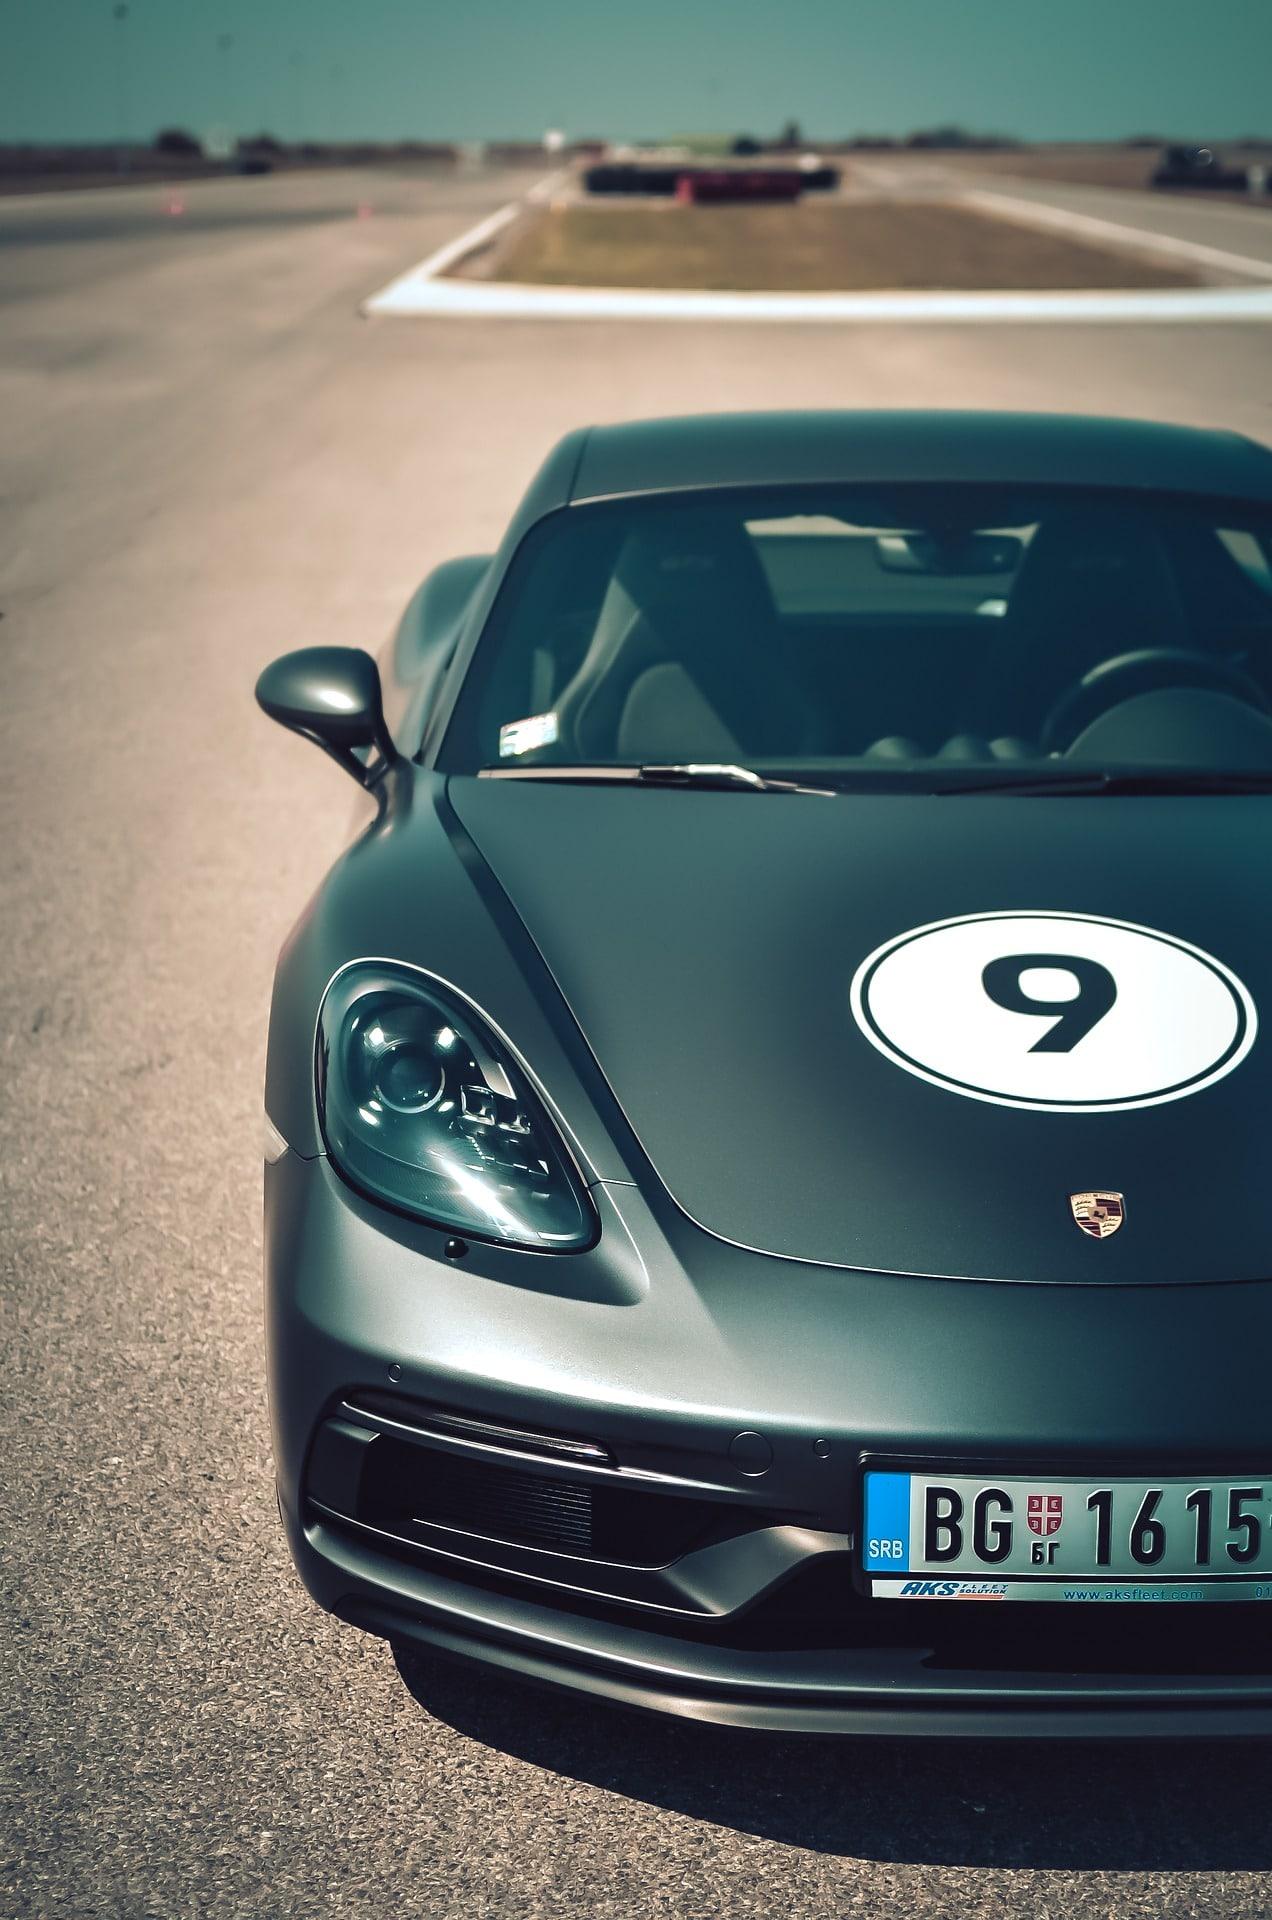 Porsche reparation de voitures garage JR MOTORS